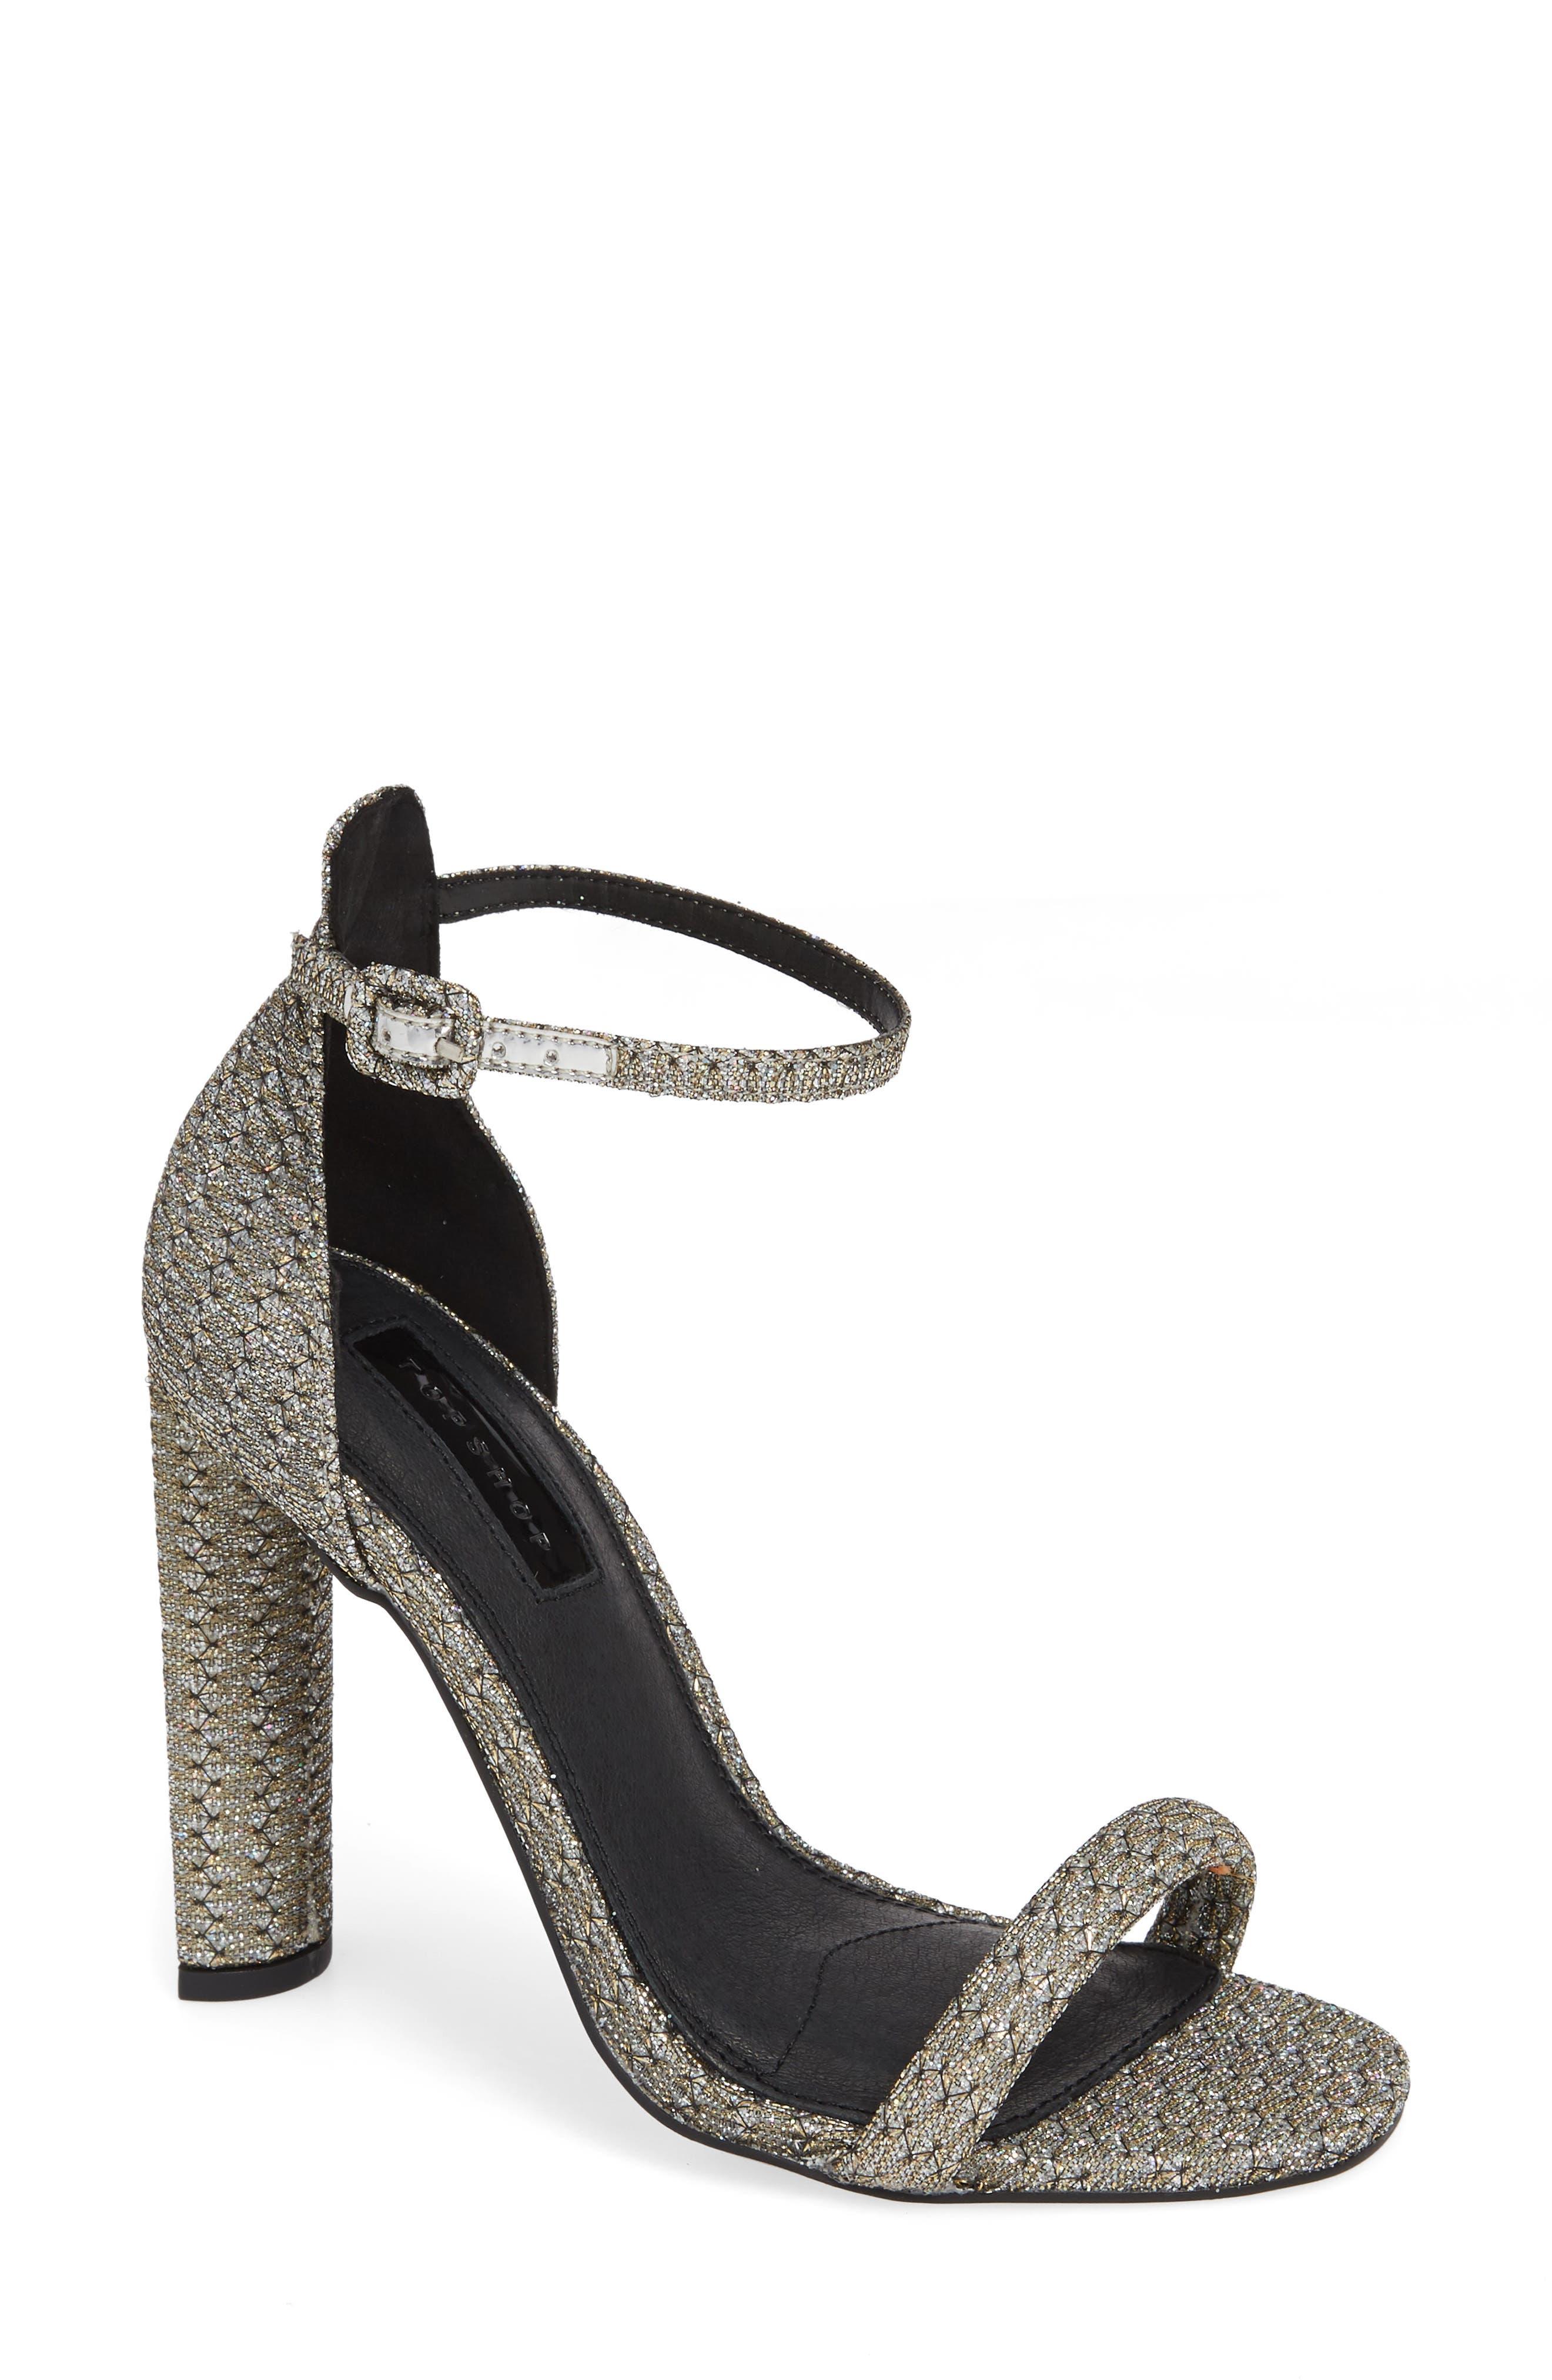 Topshop Robyn Ankle Strap Sandal- Metallic